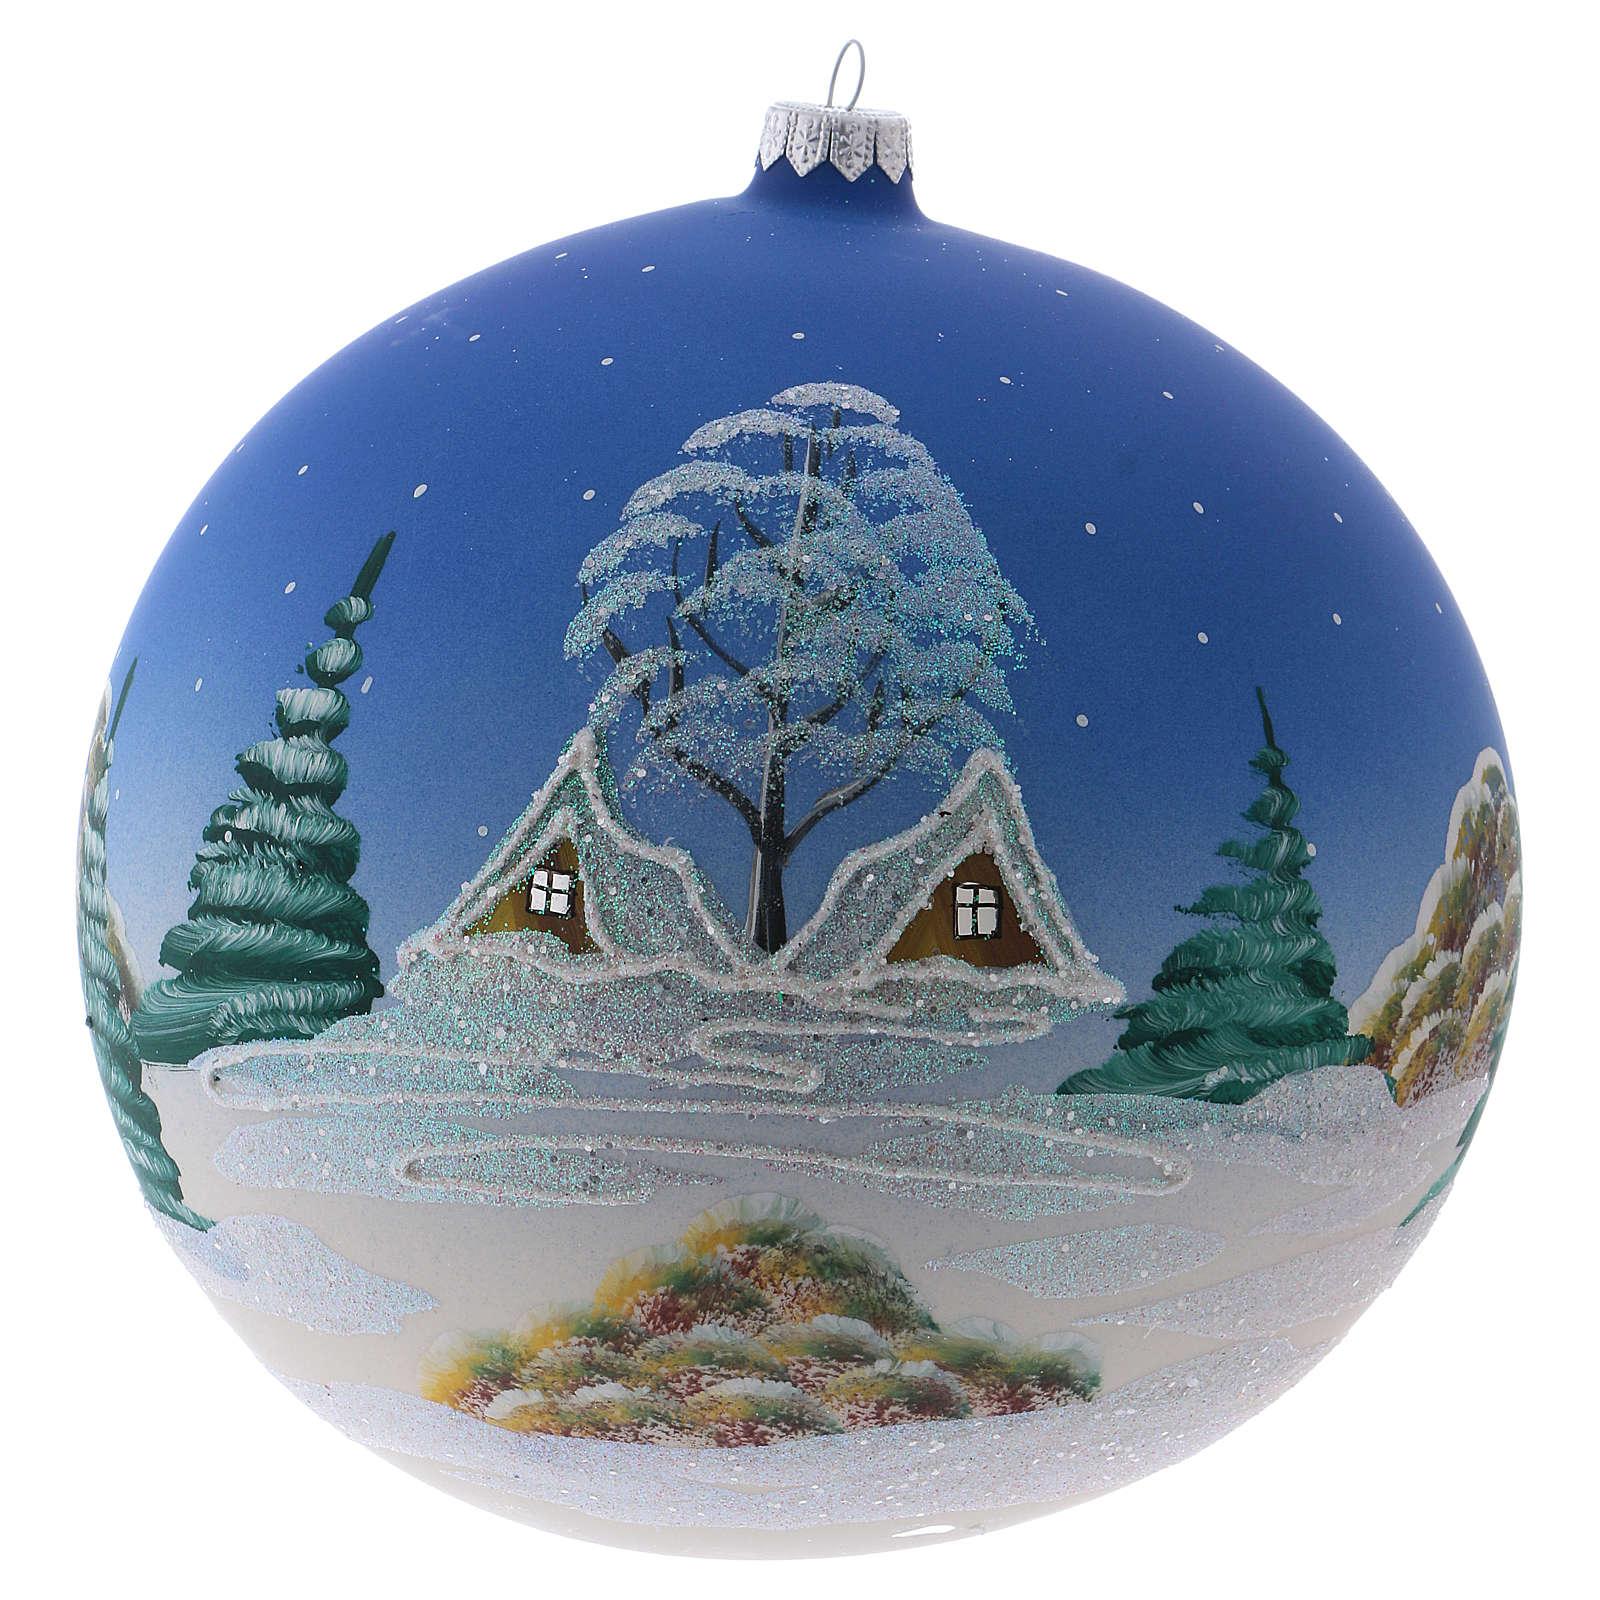 Weihnachtsbaumkugel aus mundgeblasenem Glas Grundton Blau Motiv schneebedecktes nordisches Dorf 200 mm 4